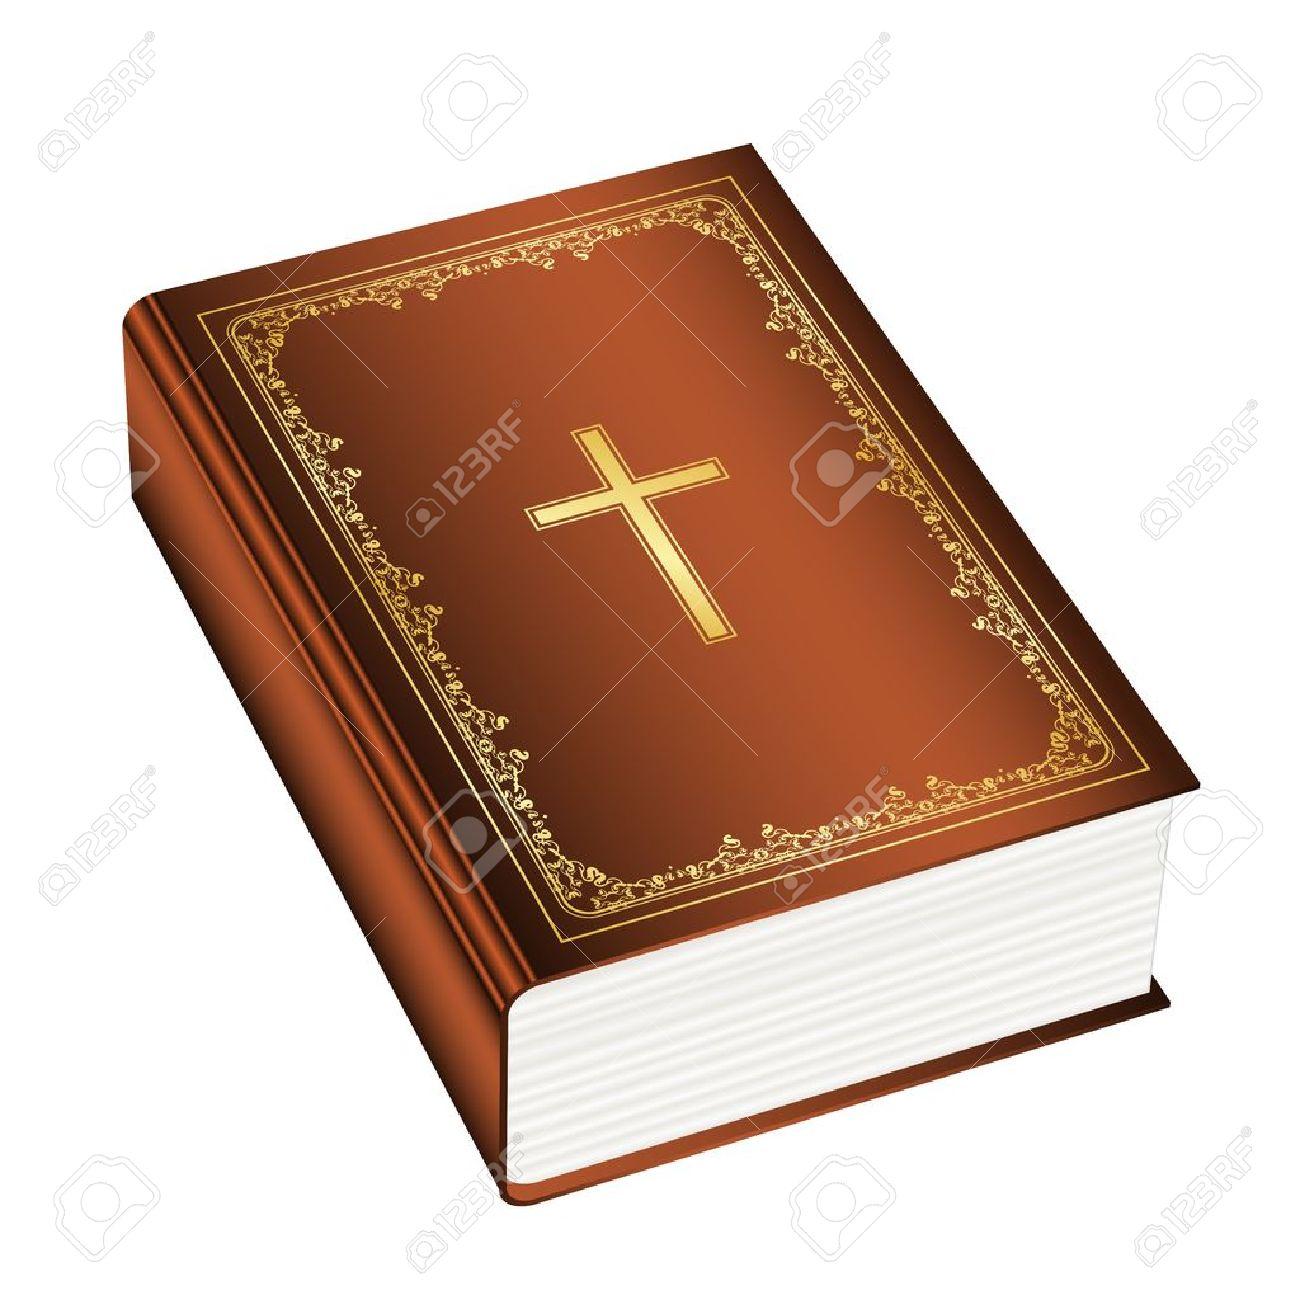 ホリー聖書のベクトル イラスト ...